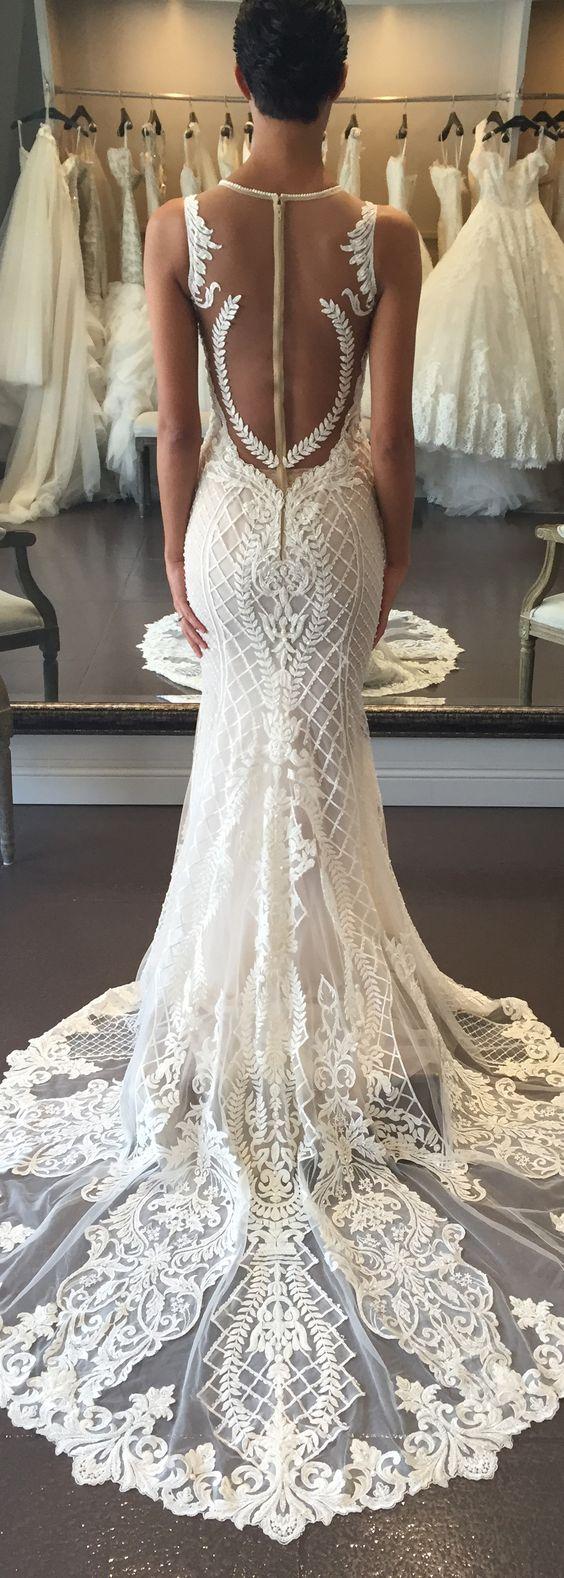 Décrivez en 1 mot : cette robe 1